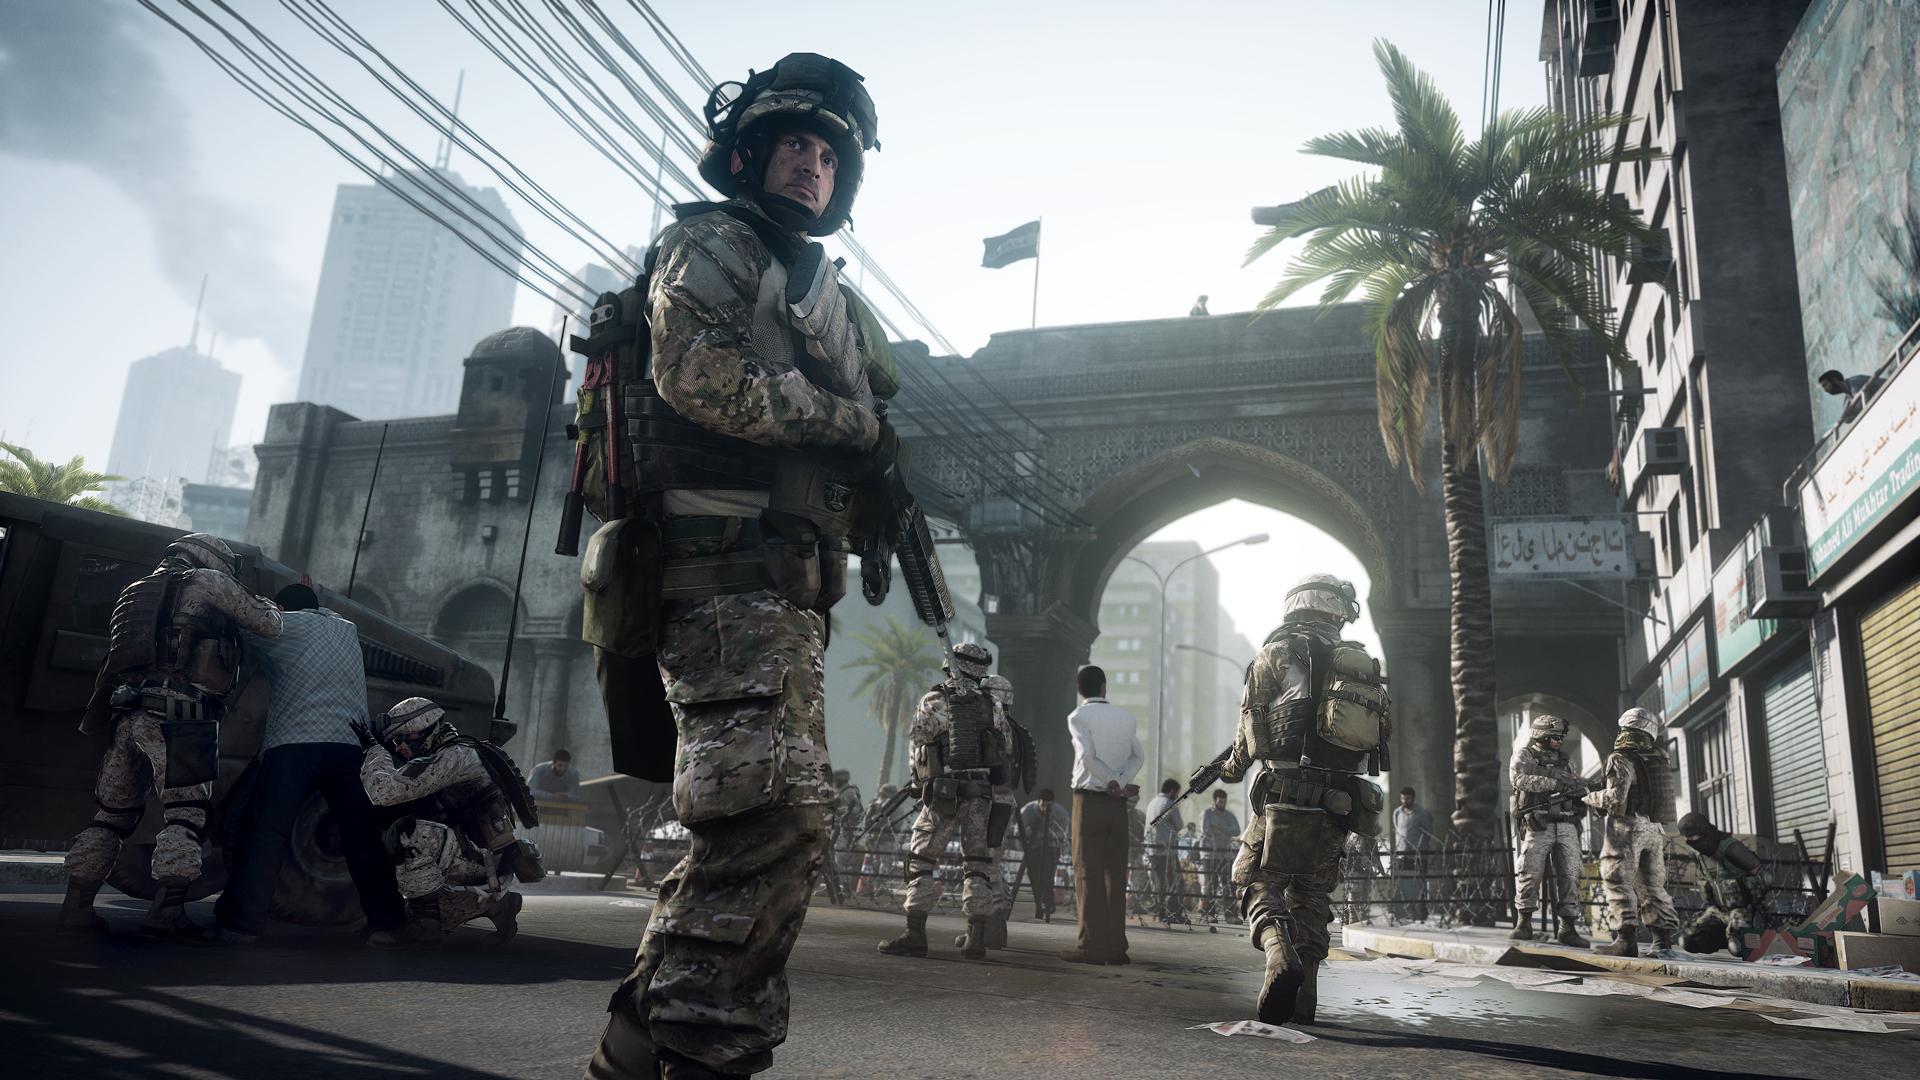 http://images.gamersyde.com/image_battlefield_3-14924-2220_0003.jpg